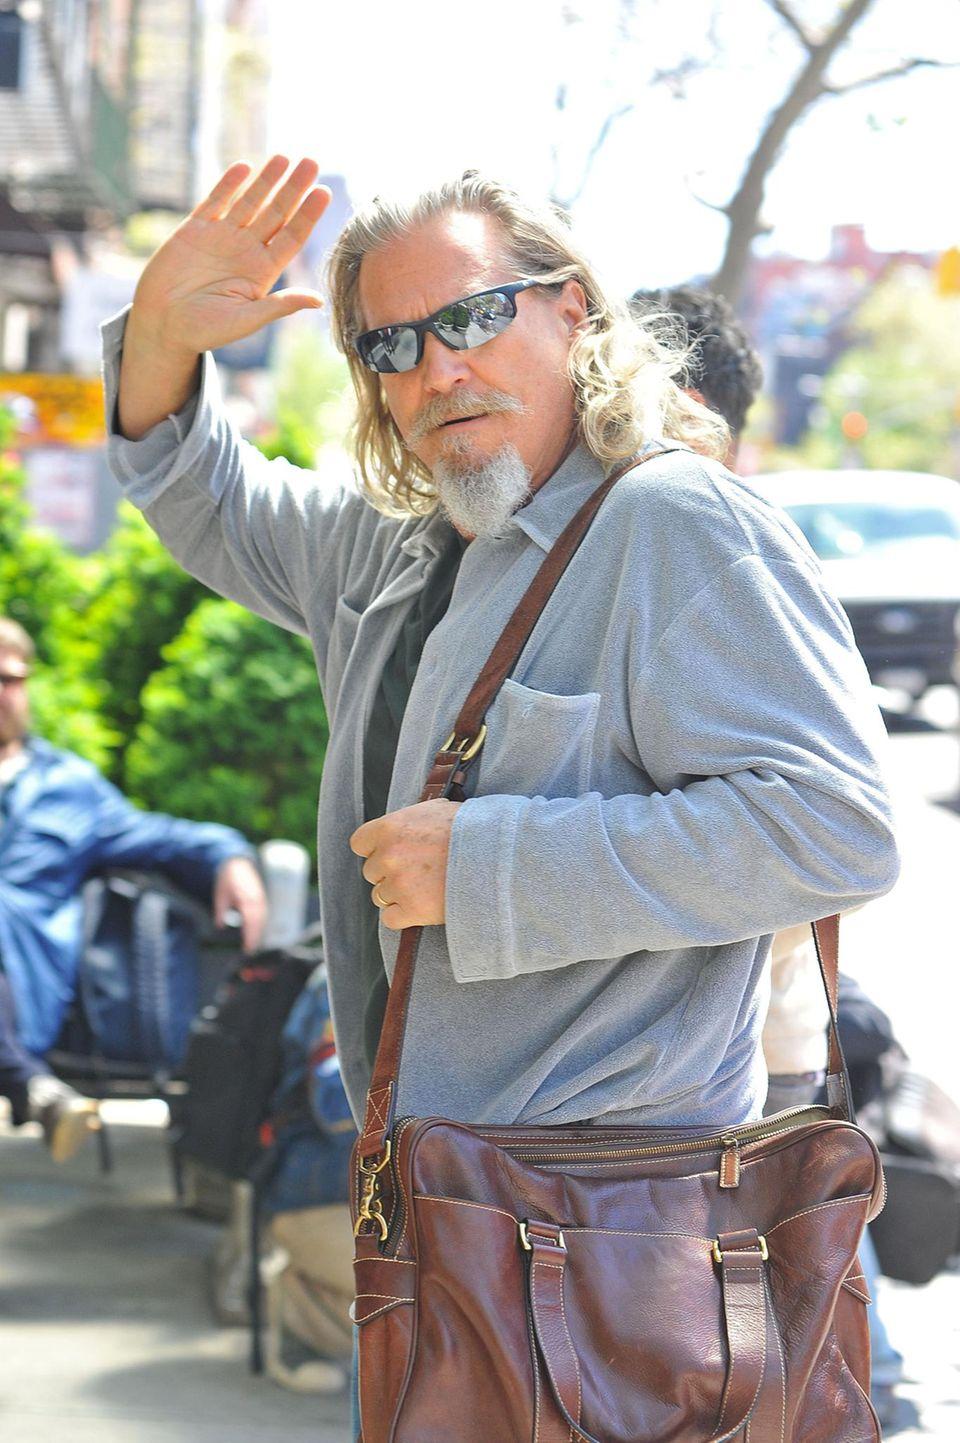 1. Mai 2013: Jeff Bridges grüßt freundlich die Fotografen, die vor seinem Hotel in New York warten.